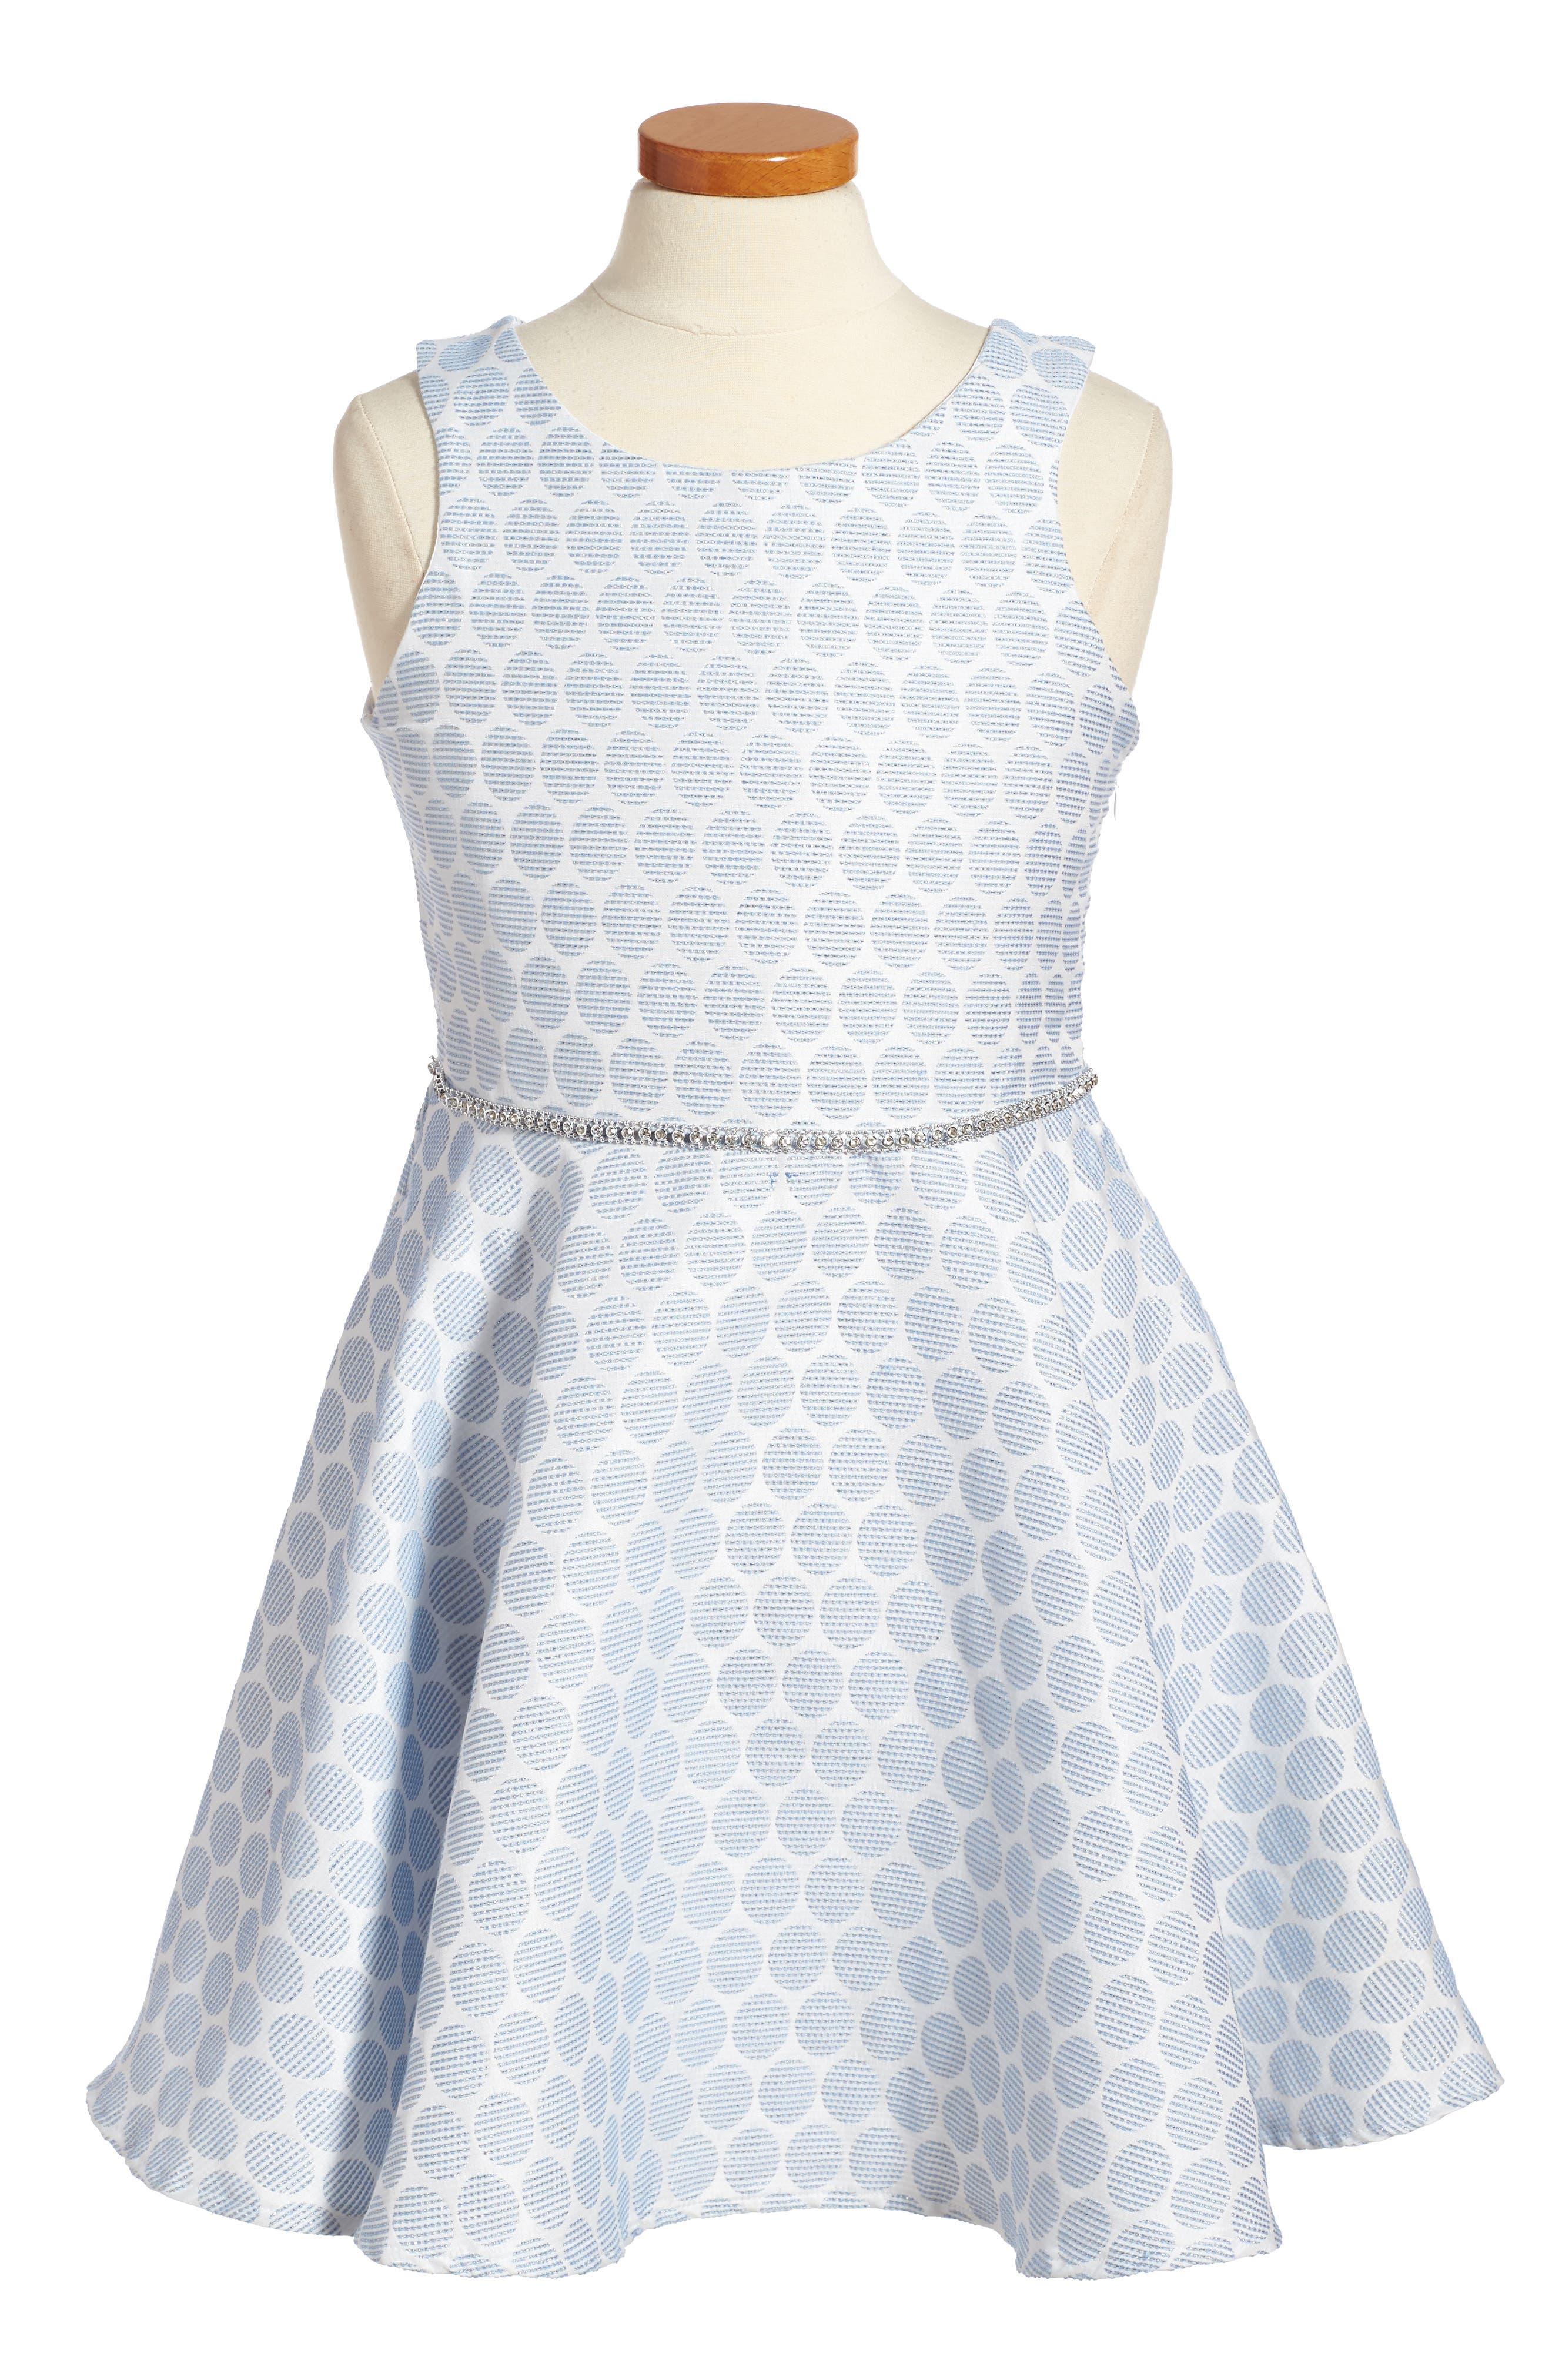 Monique Fit & Flare Dress,                         Main,                         color, Light Blue/ White